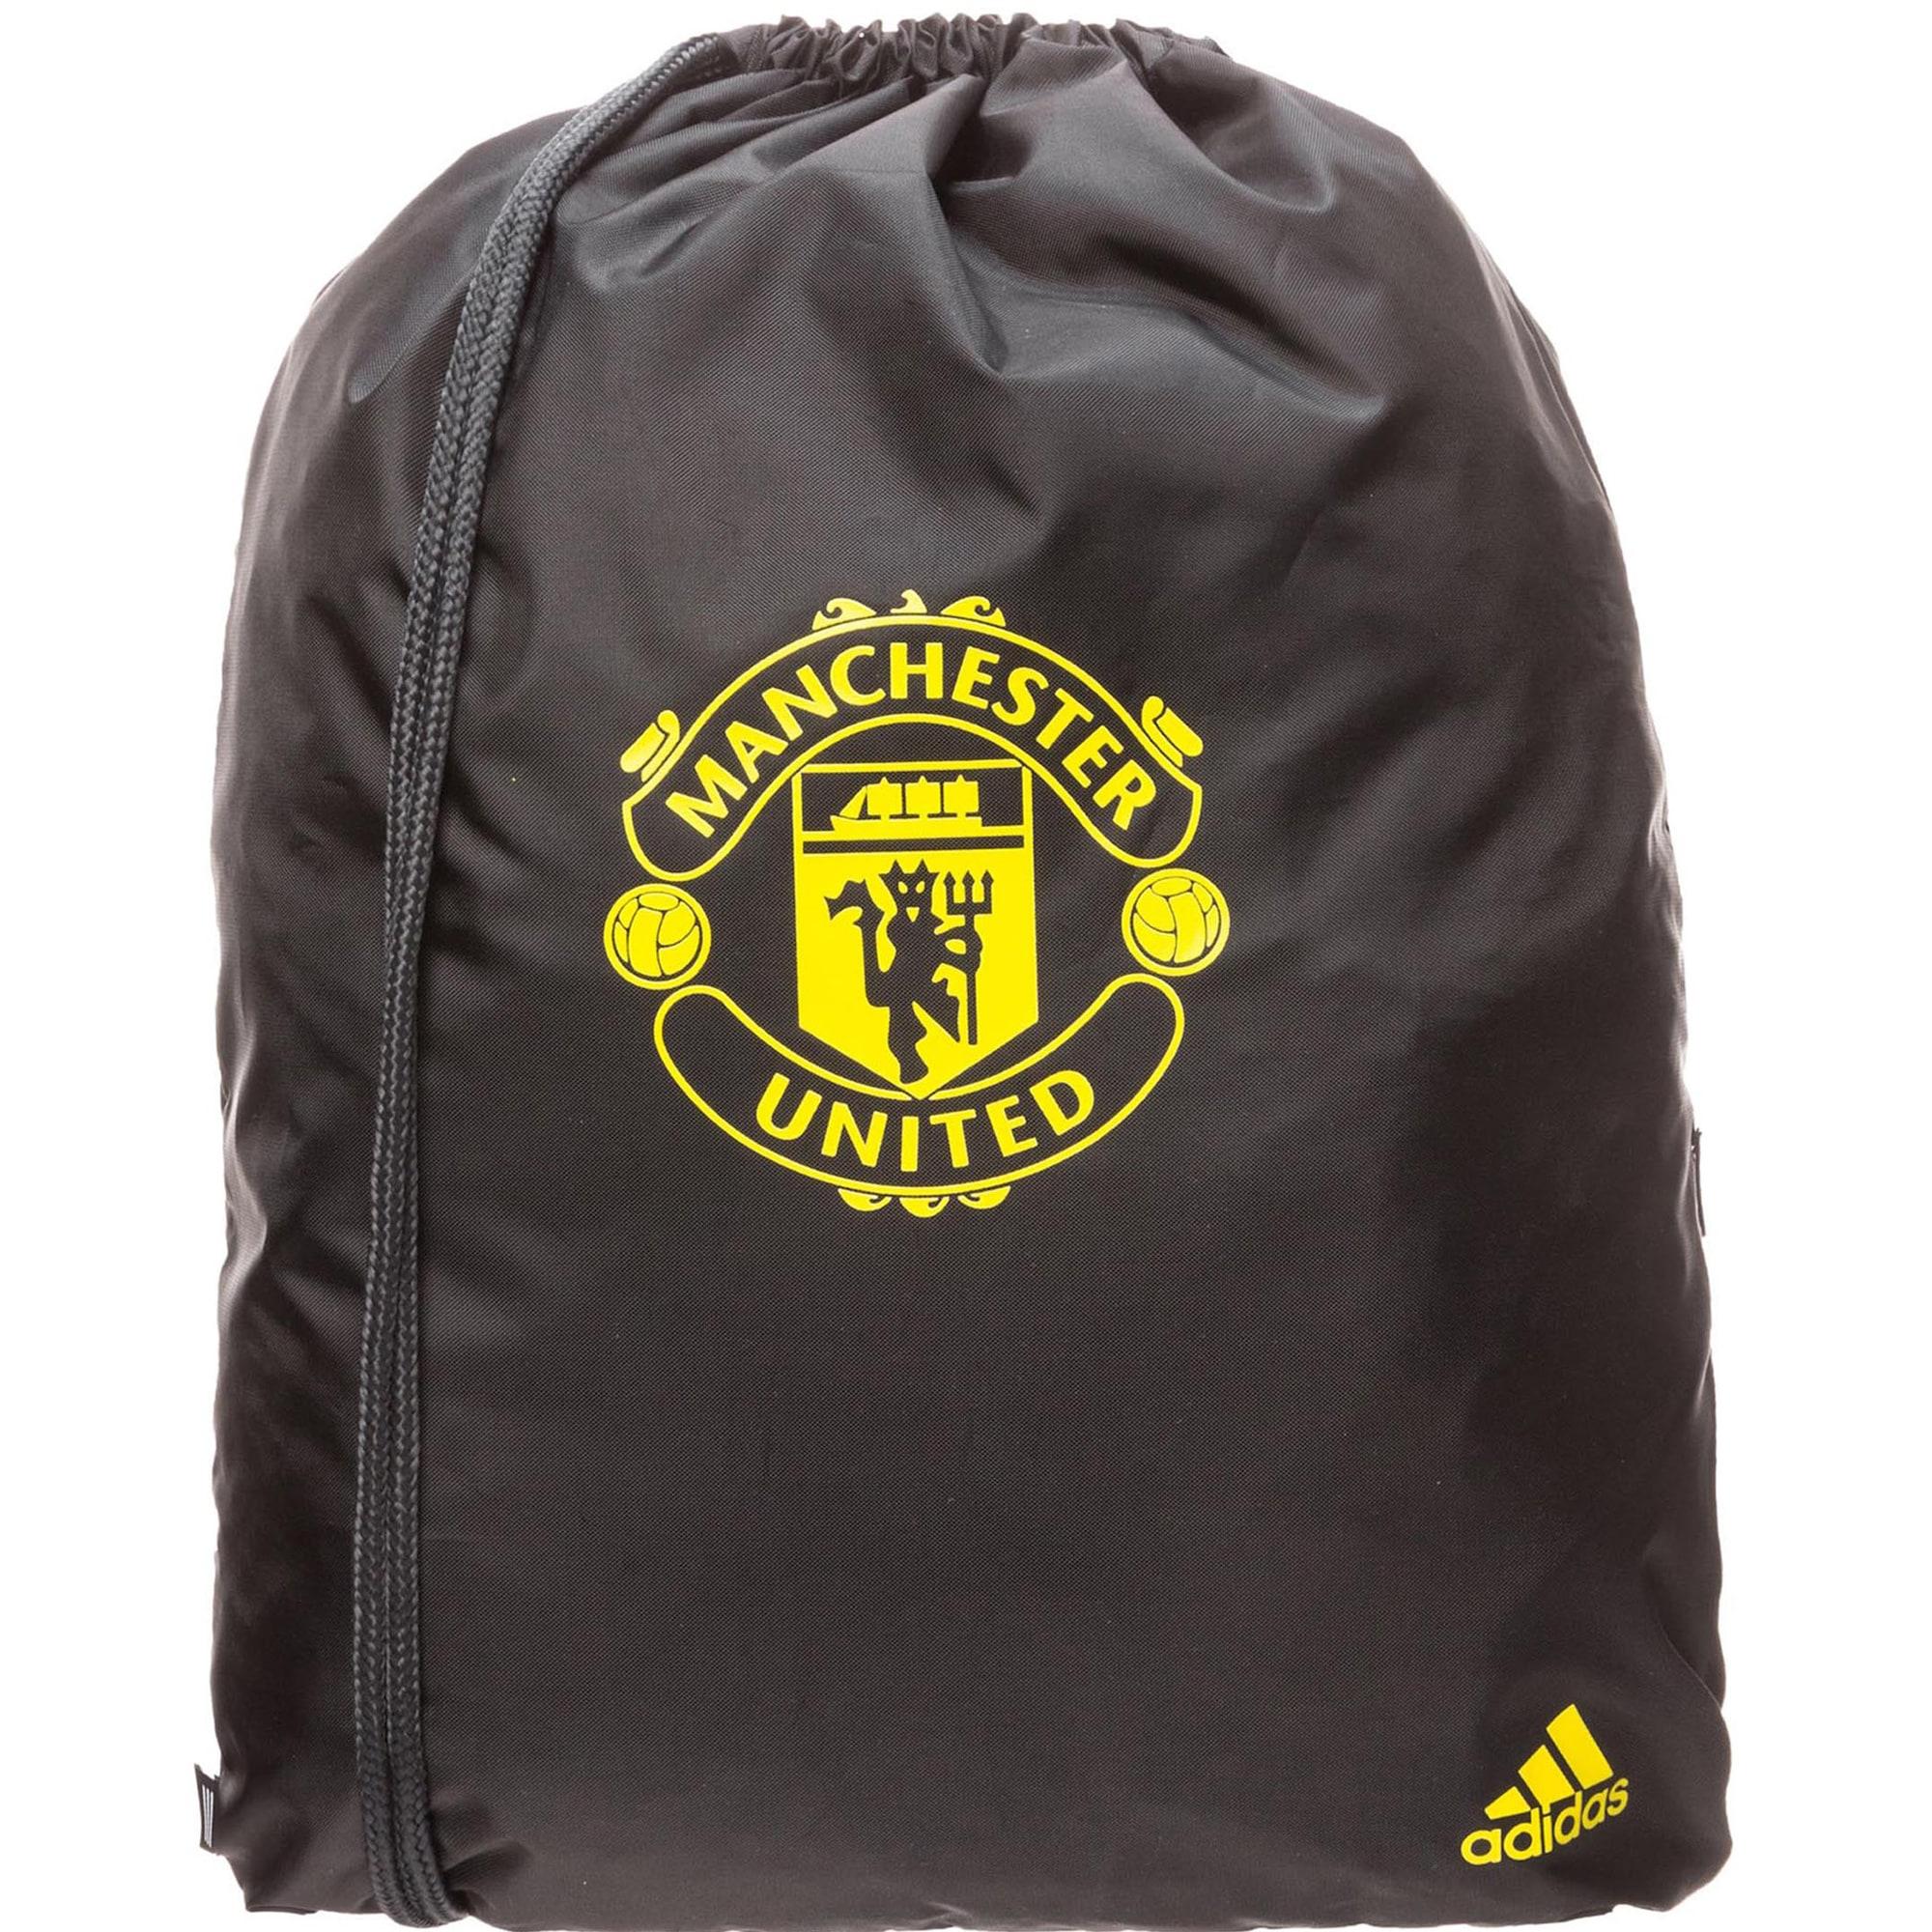 Turnbeutel 'Manchester United' | Taschen > Rucksäcke > Sportrucksäcke | ADIDAS PERFORMANCE